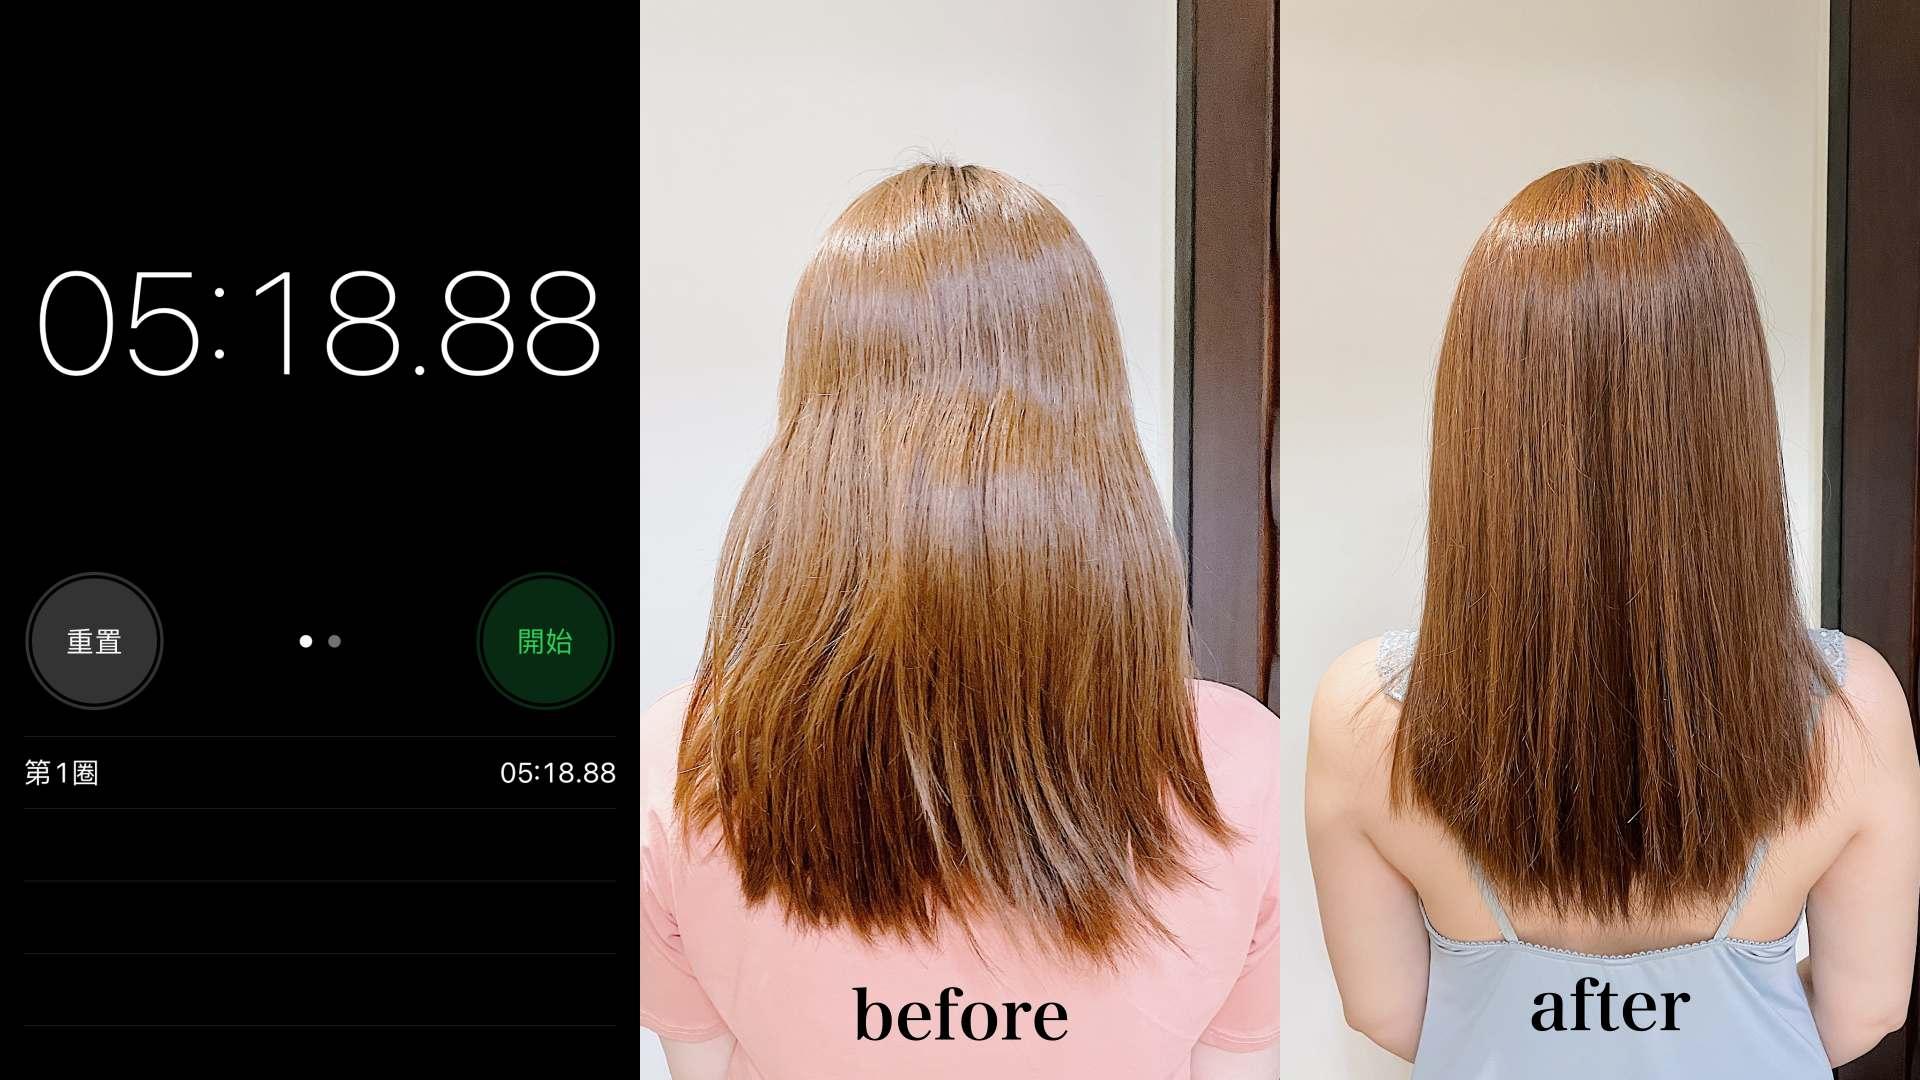 吹完後髮尾的毛躁明顯改善,吹髮速度也滿快的!